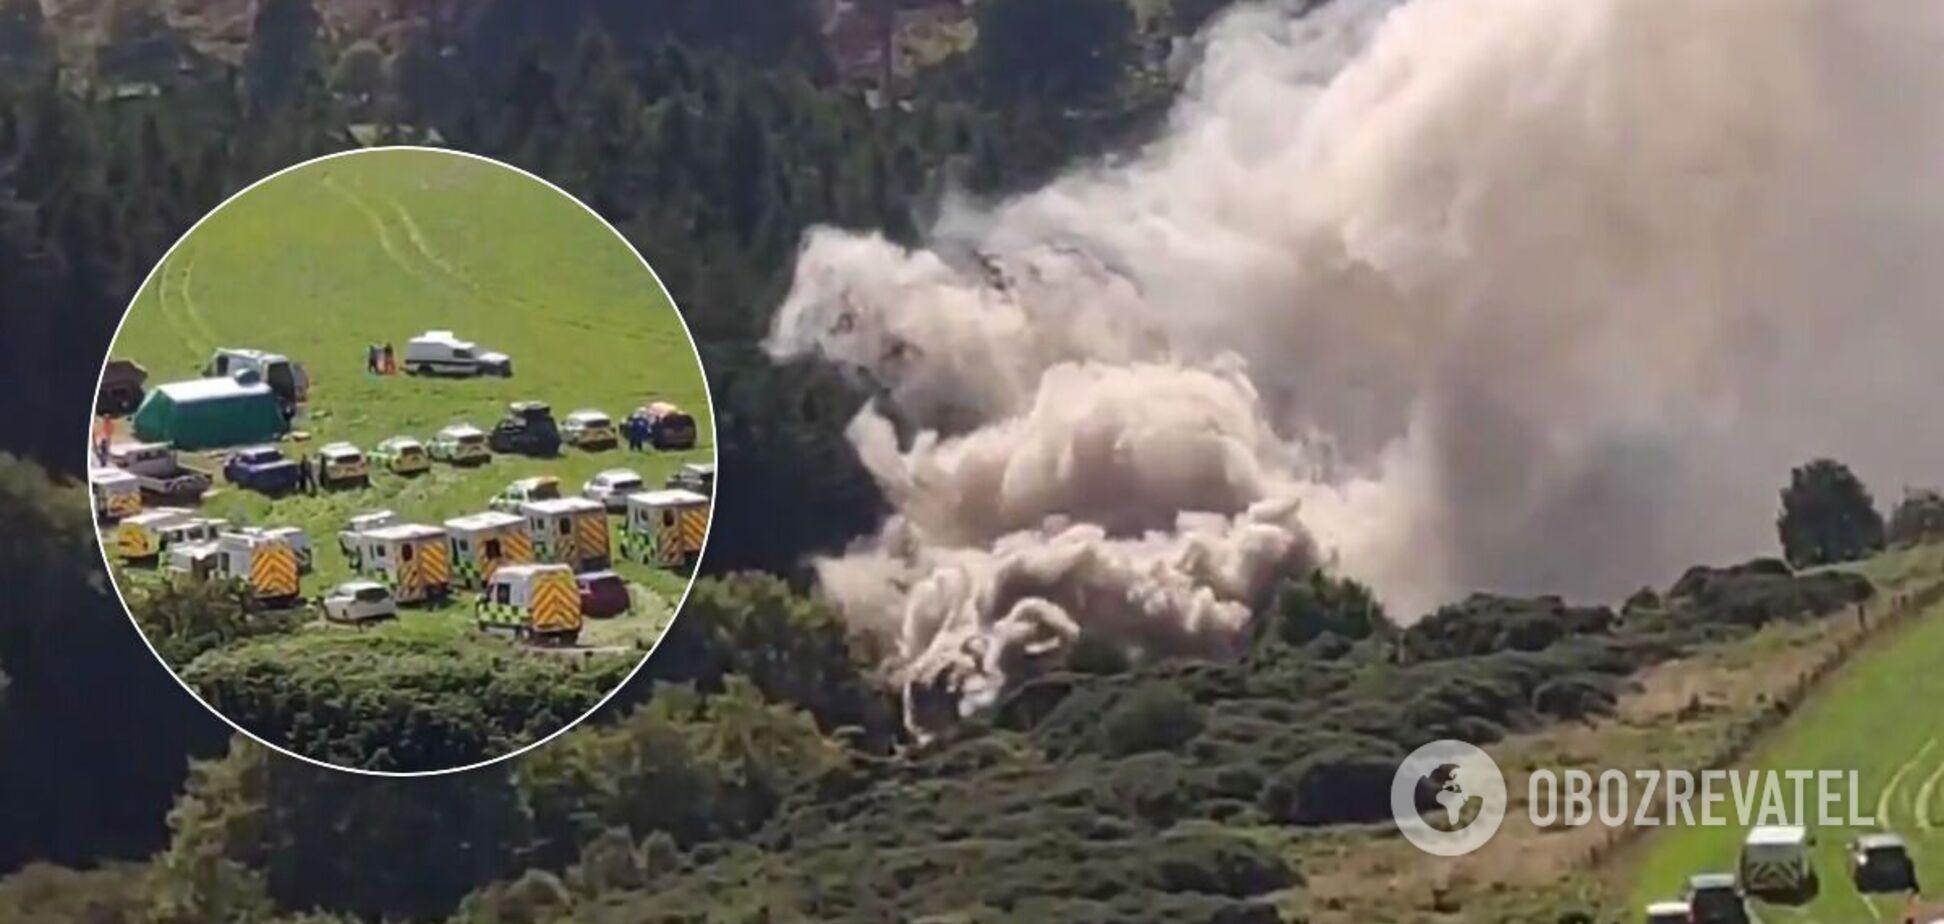 В Шотландиипоезд сошел с рельсов и загорелся: есть погибшие. Фото и видео